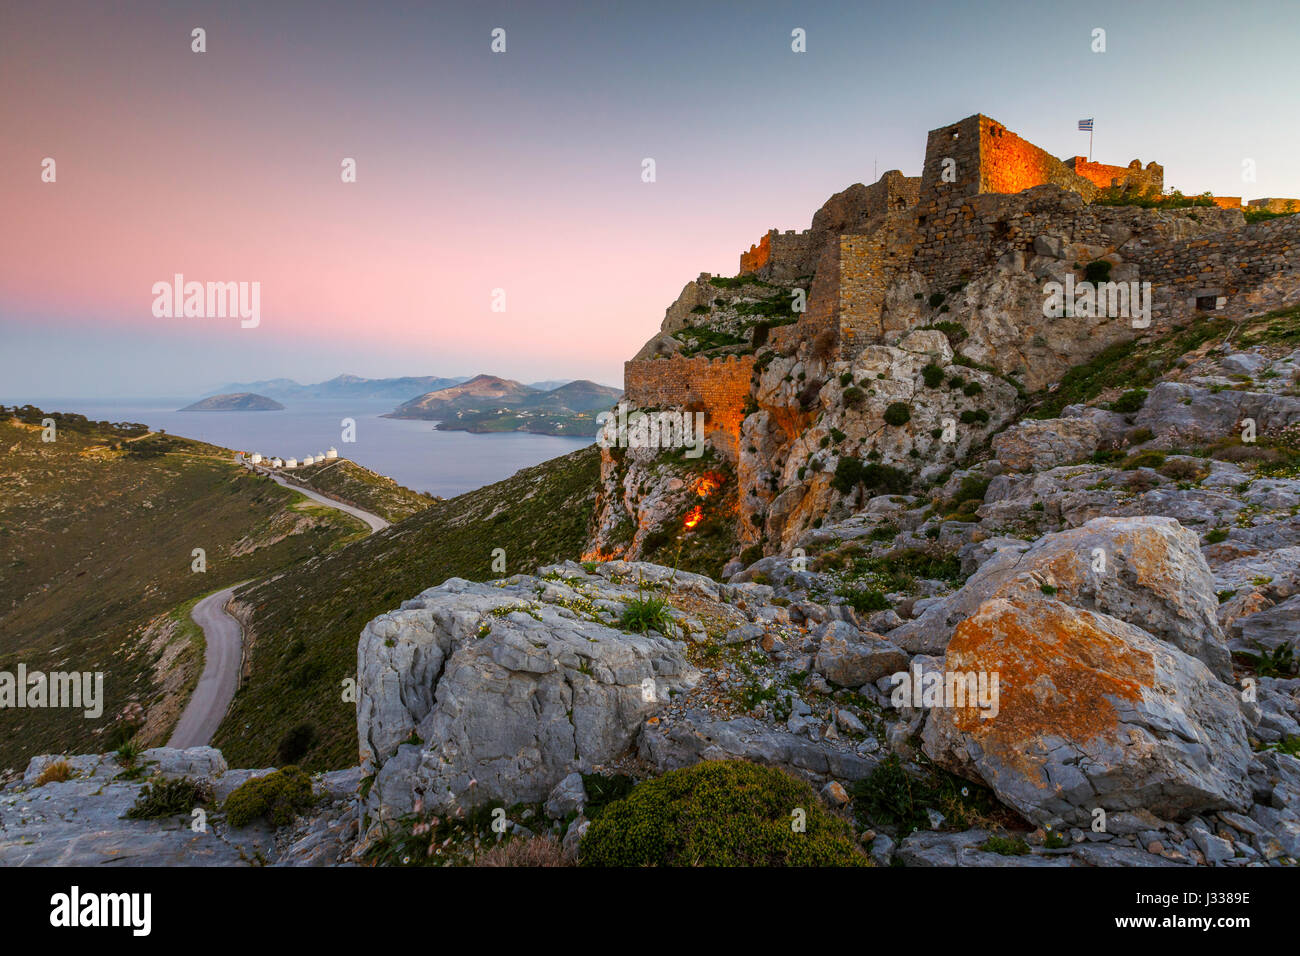 Castello di Leros isola in Grecia al tramonto. Immagini Stock